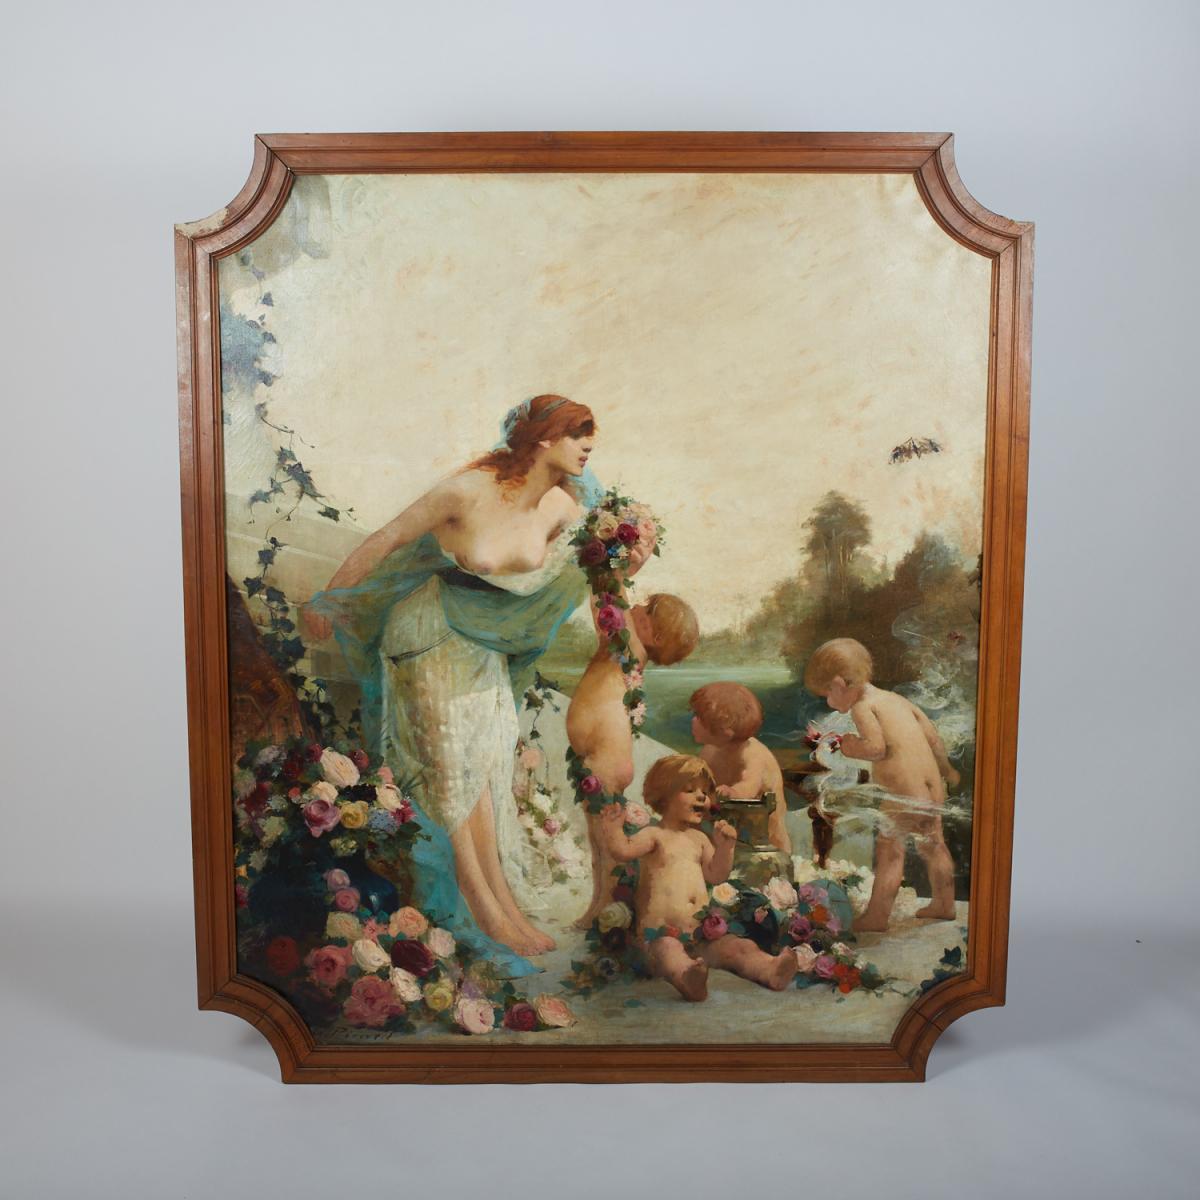 Georges Picard (1857-1946), Huile sur toile, Le Printemps, XXe